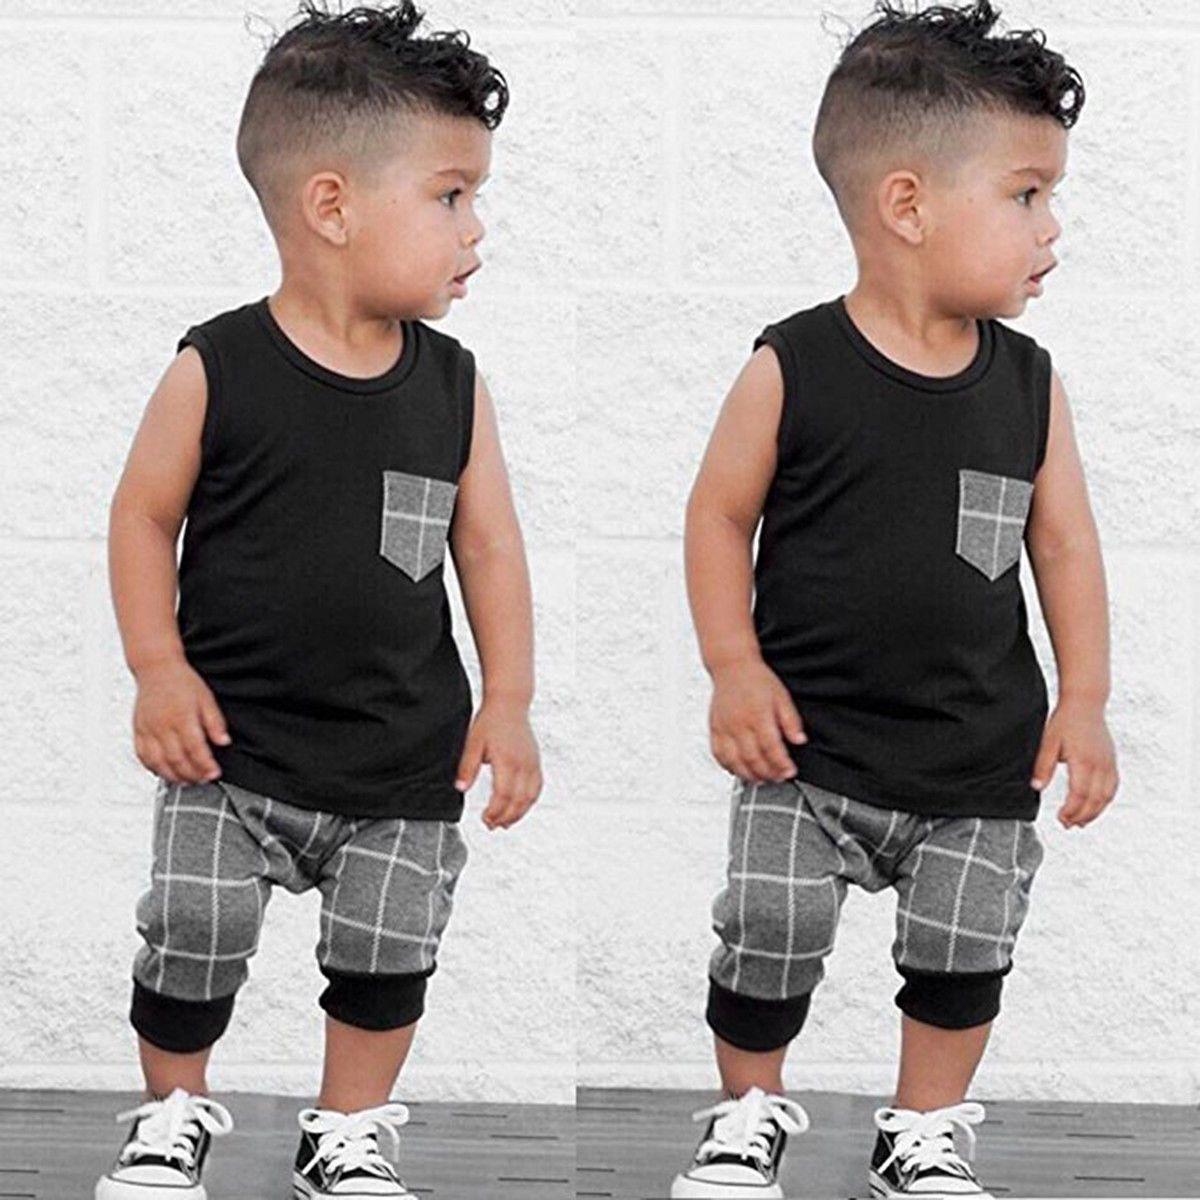 bb9e12fca2d1  5.99 - 2Pcs Toddler Kids Baby Boy Summer Clothes T-Shirt Tops+Pants ...